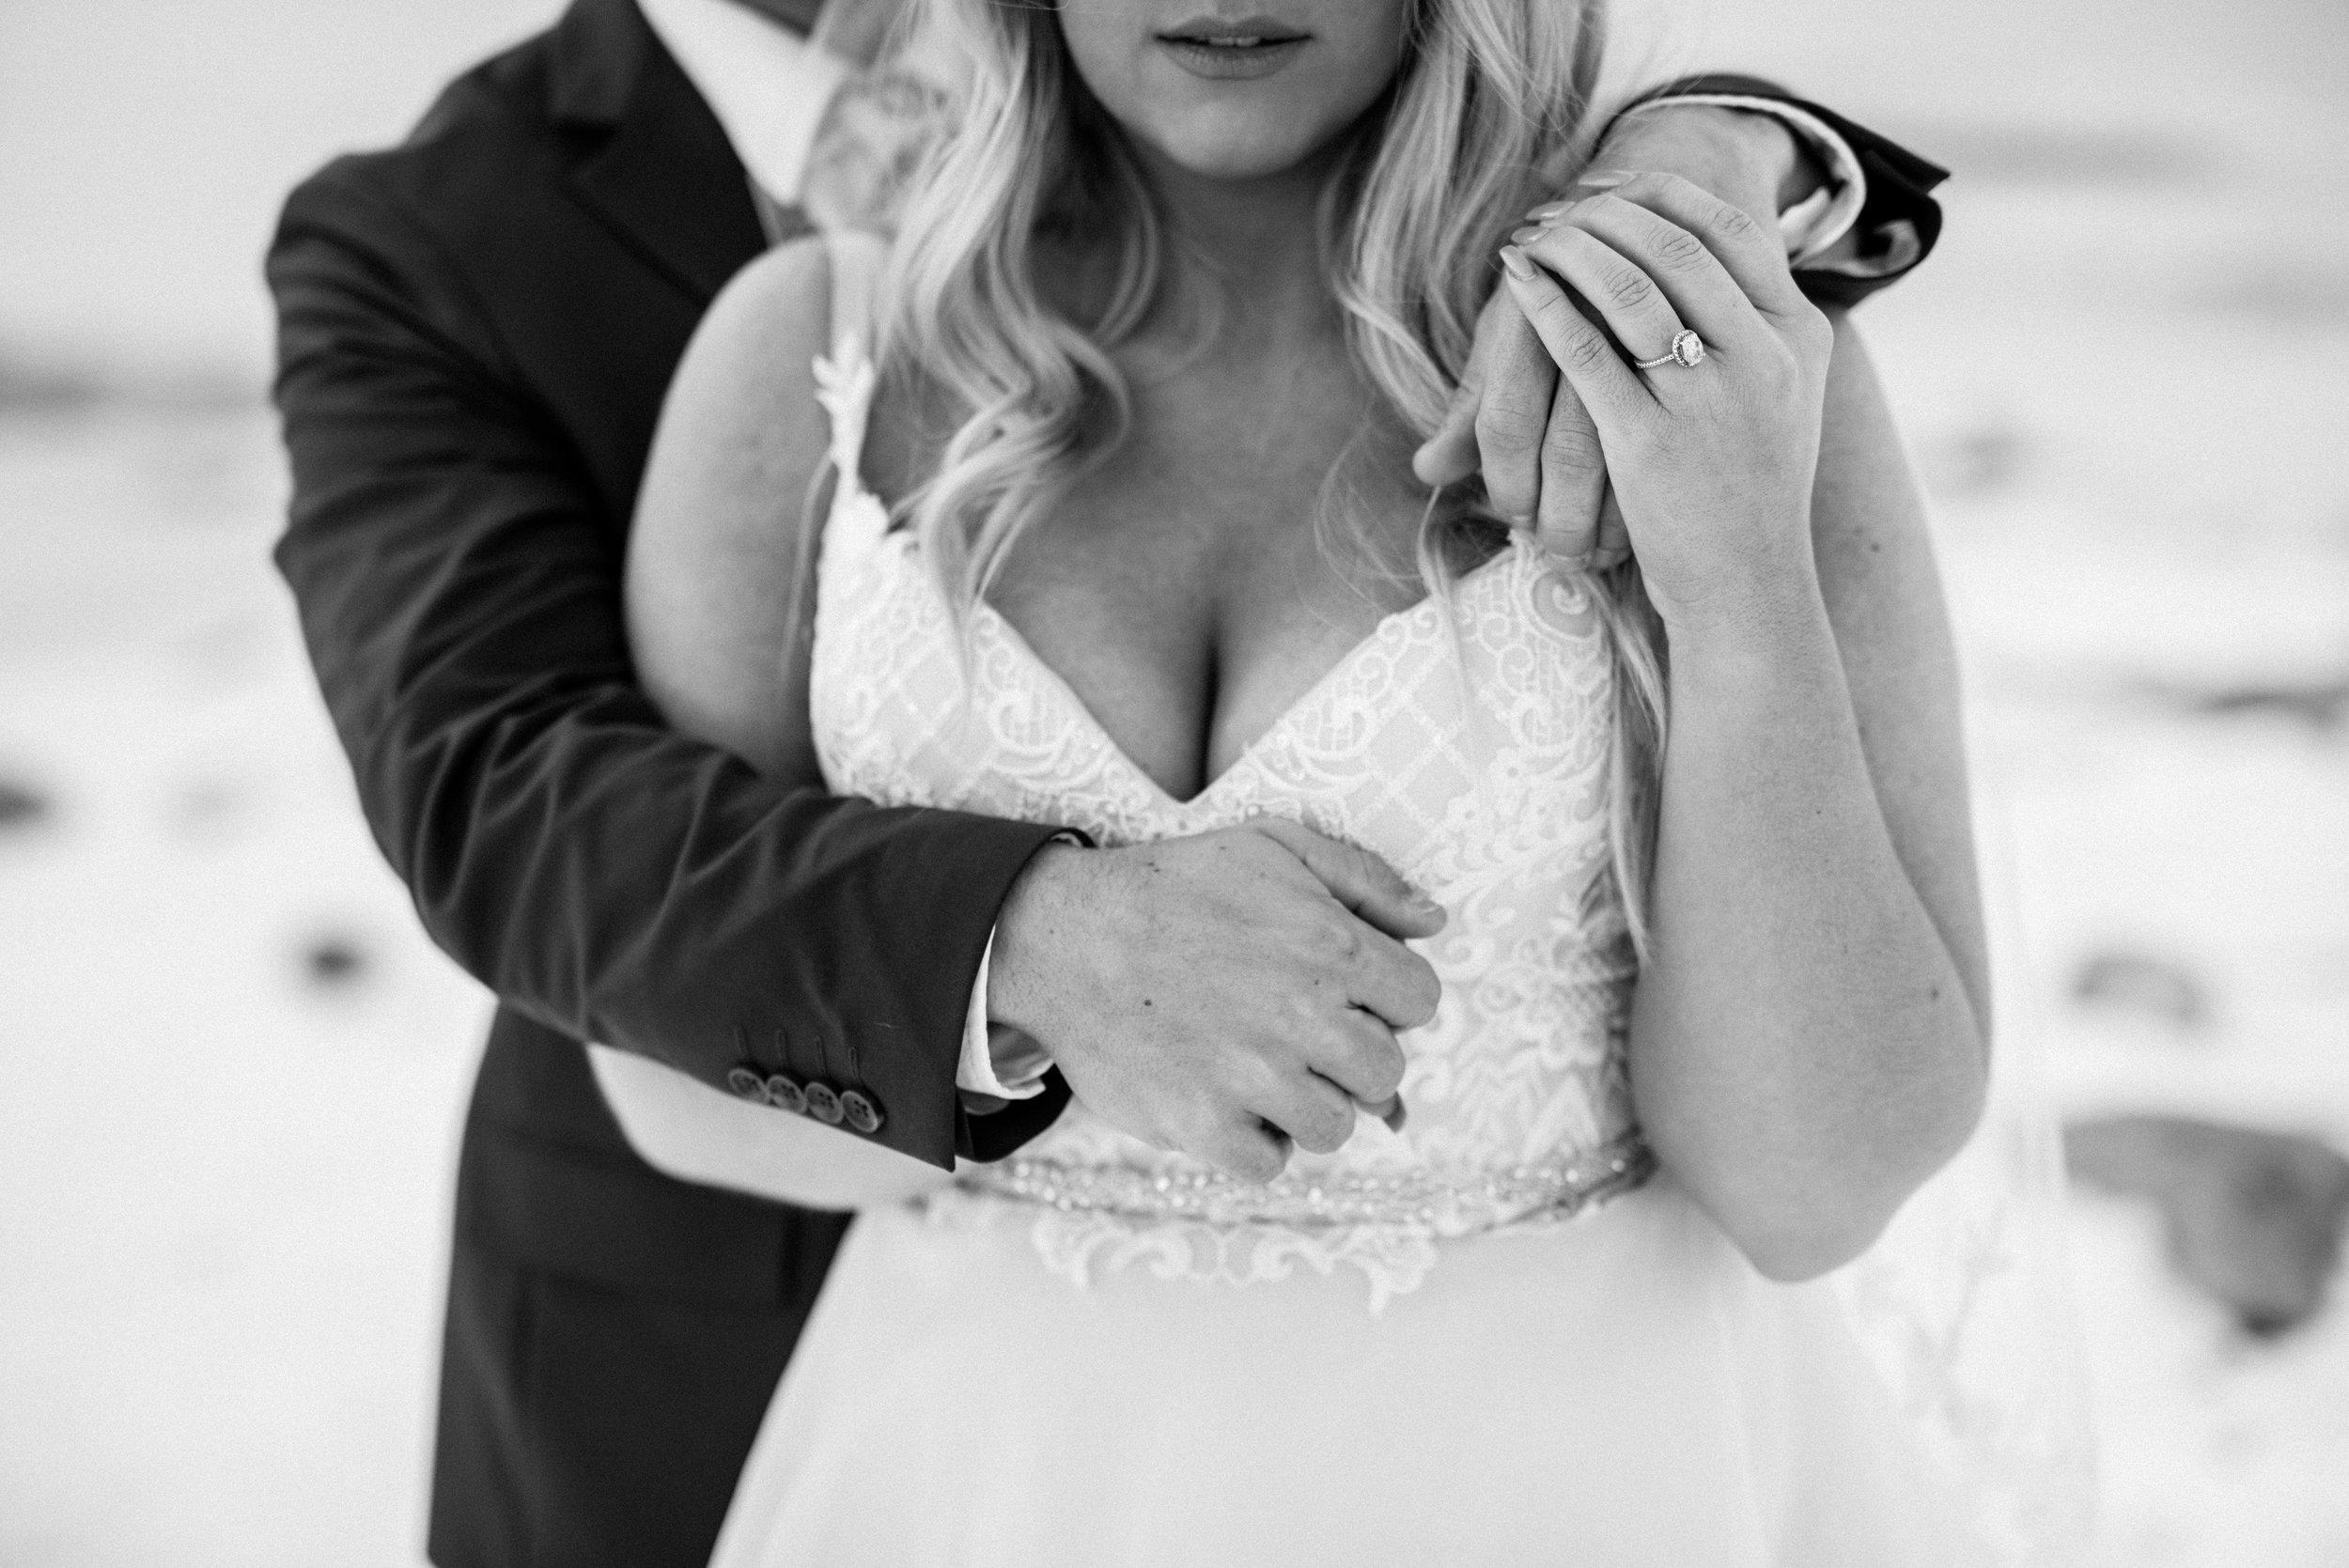 lis simon bridal gown